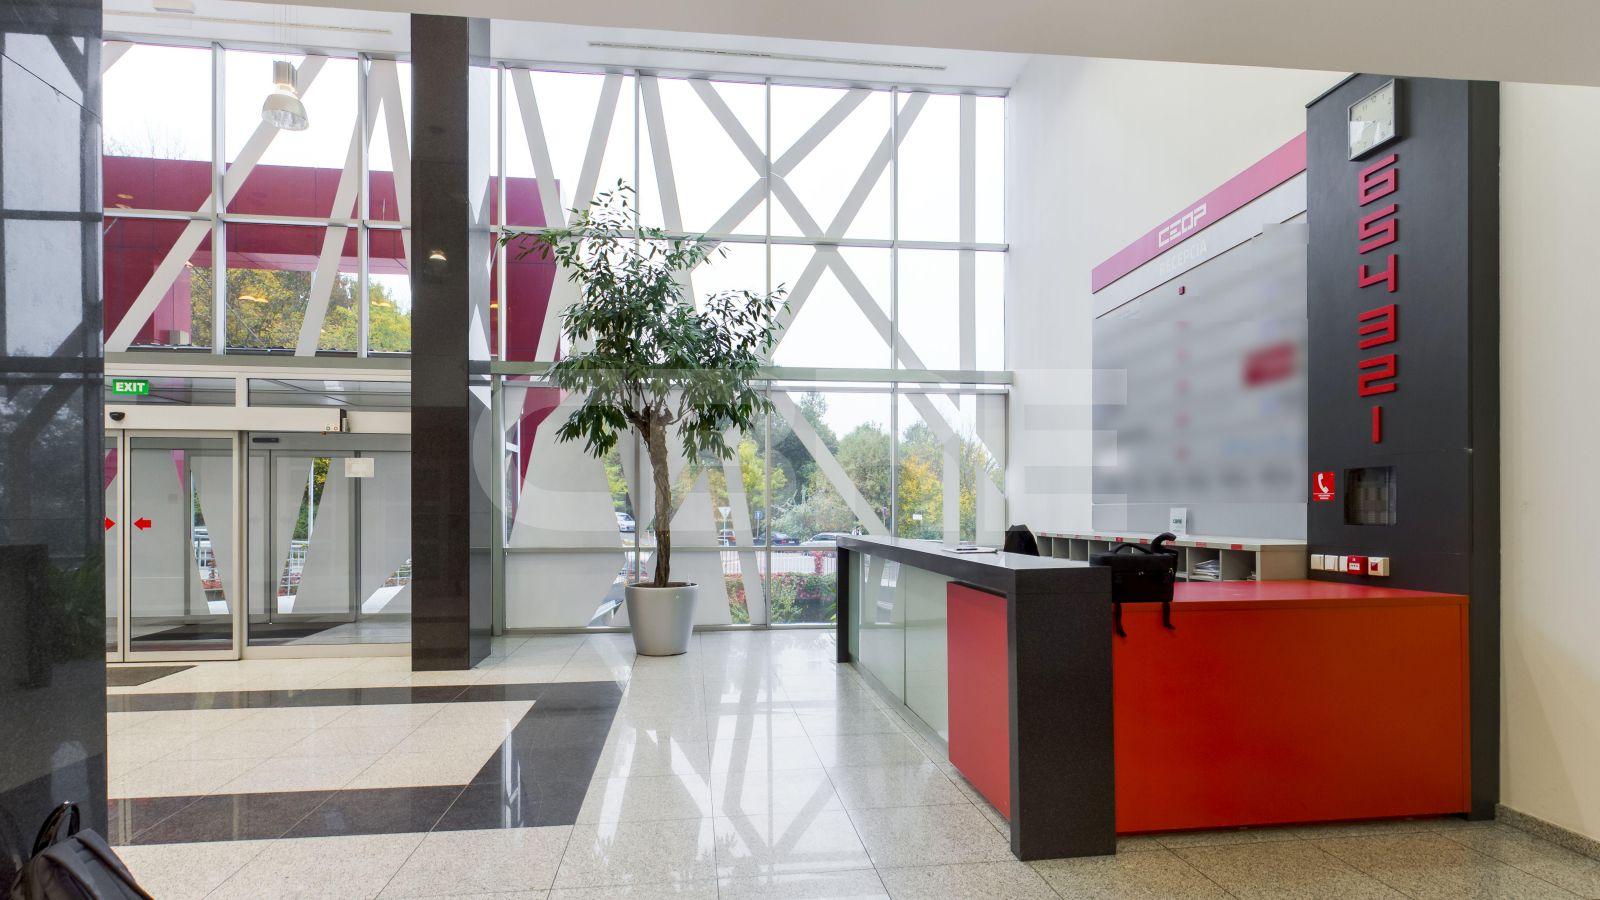 Slávičie údolie 106, Bratislava - Staré Mesto | Offices for rent by CBRE | 6